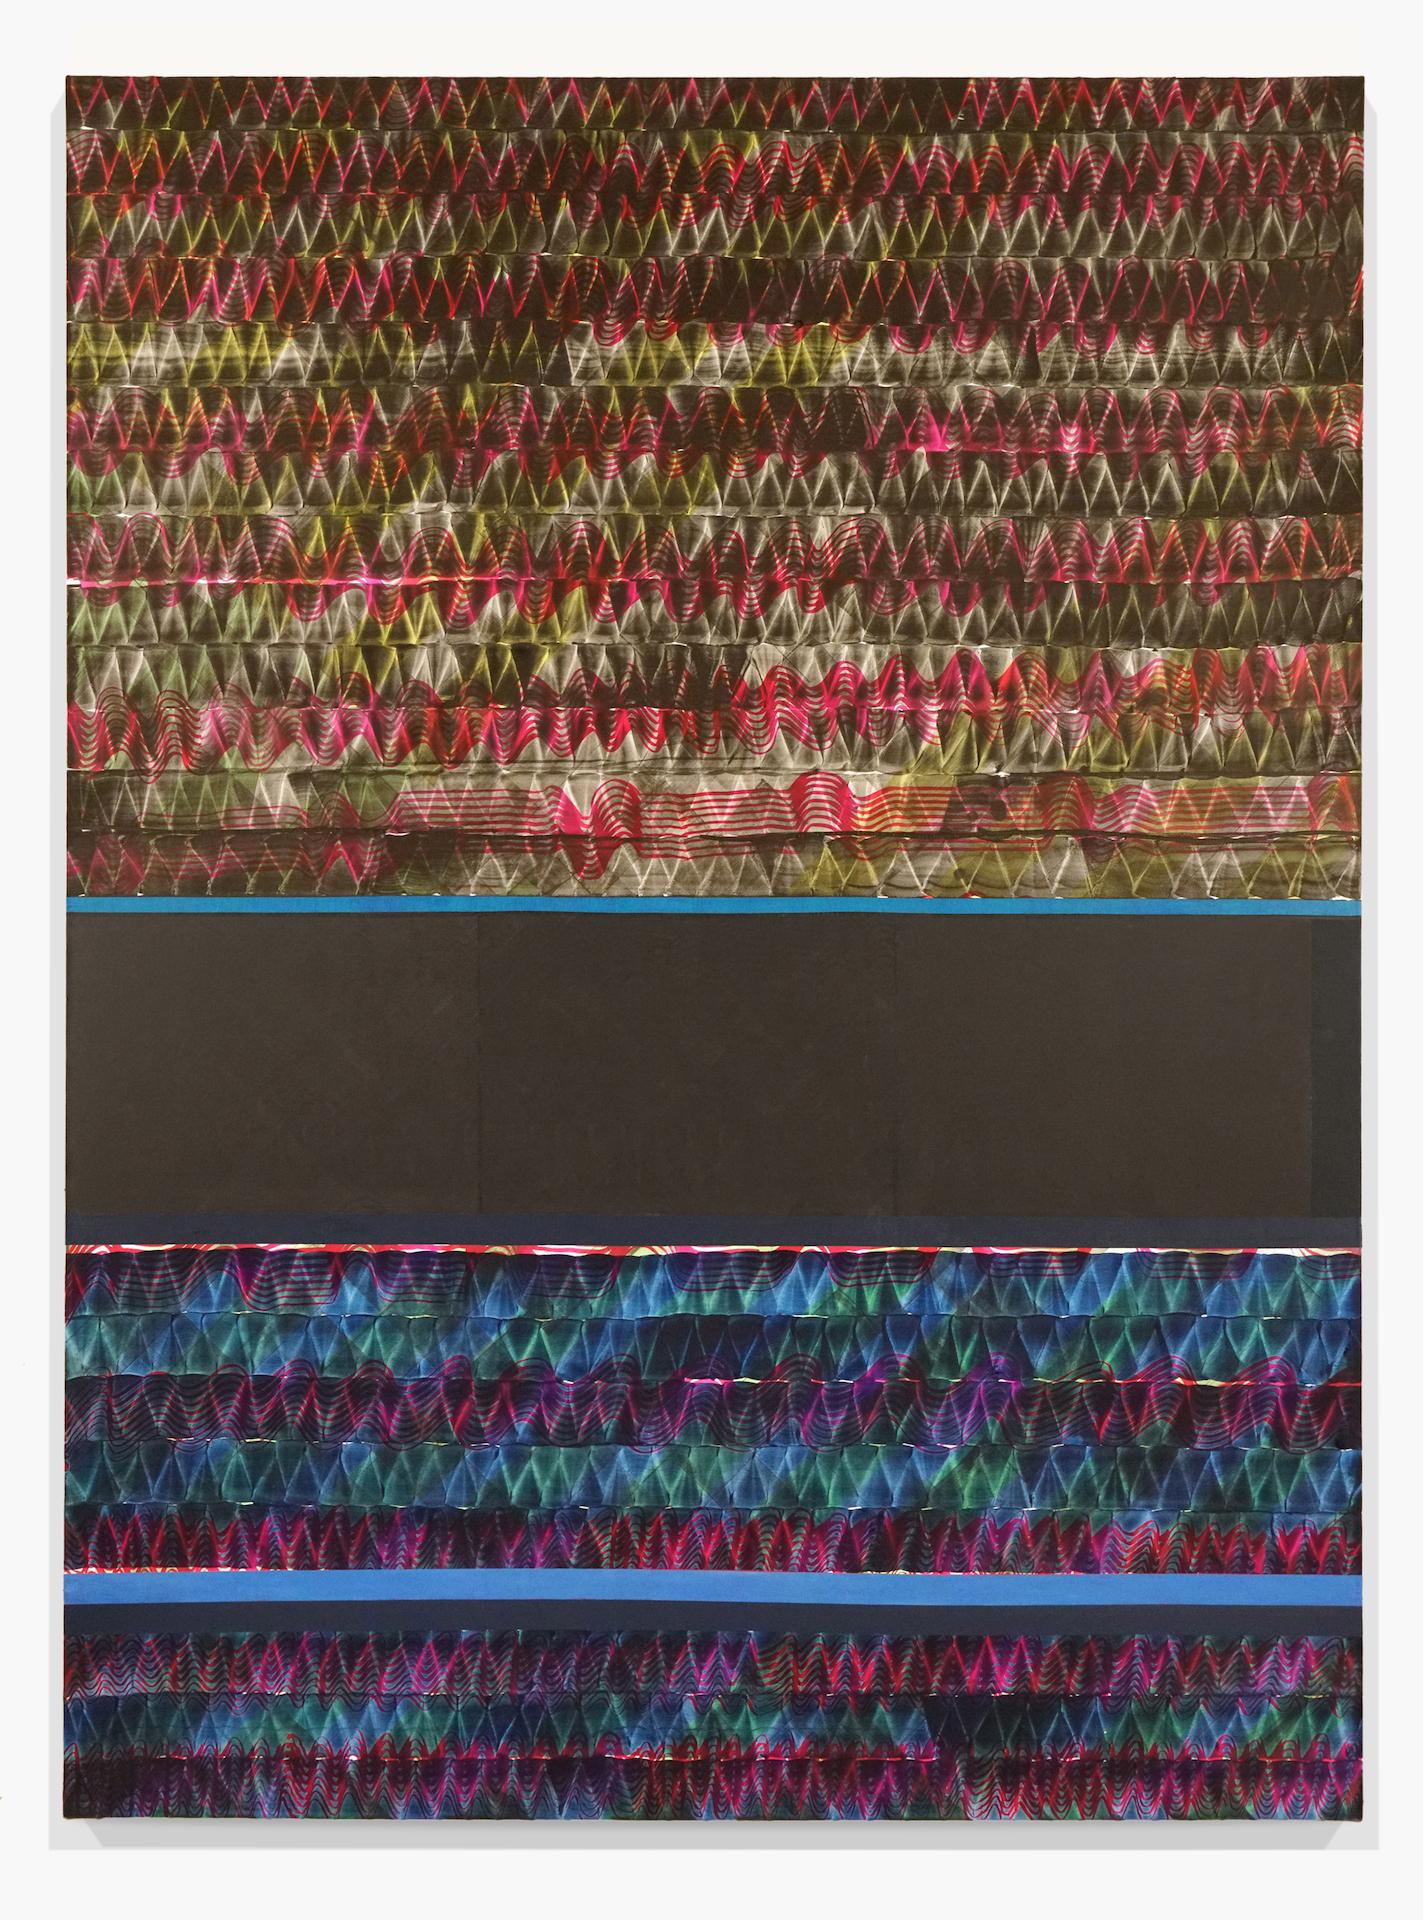 Juan Uslé Soñé que revelabas (Guadalquivir), 2019-20 Vinyl dispersion and dry pigment on canvas 108.3 x 79.9 inches (275 x 203 cm) © Juan Uslé Courtesy Galerie Lelong & Co.